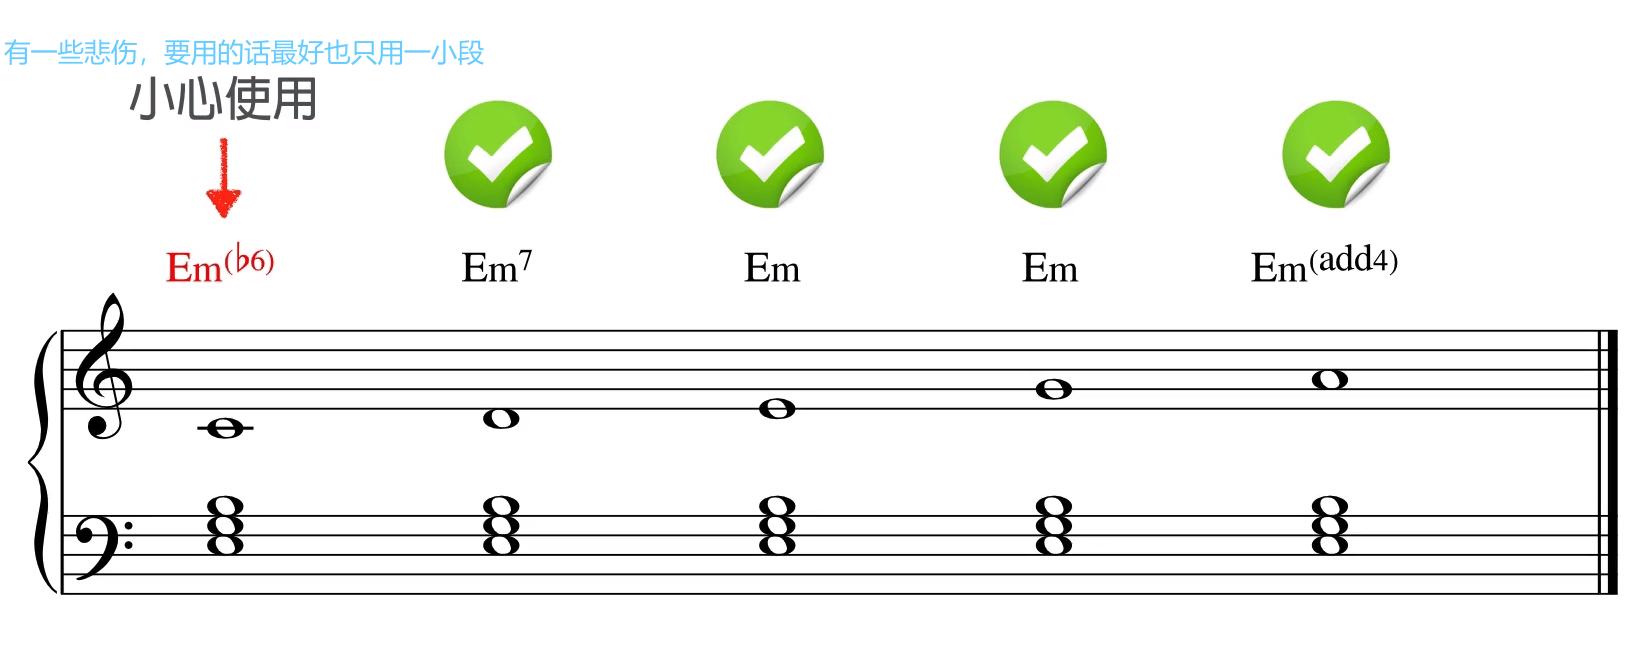 五声音阶放在三级和弦上